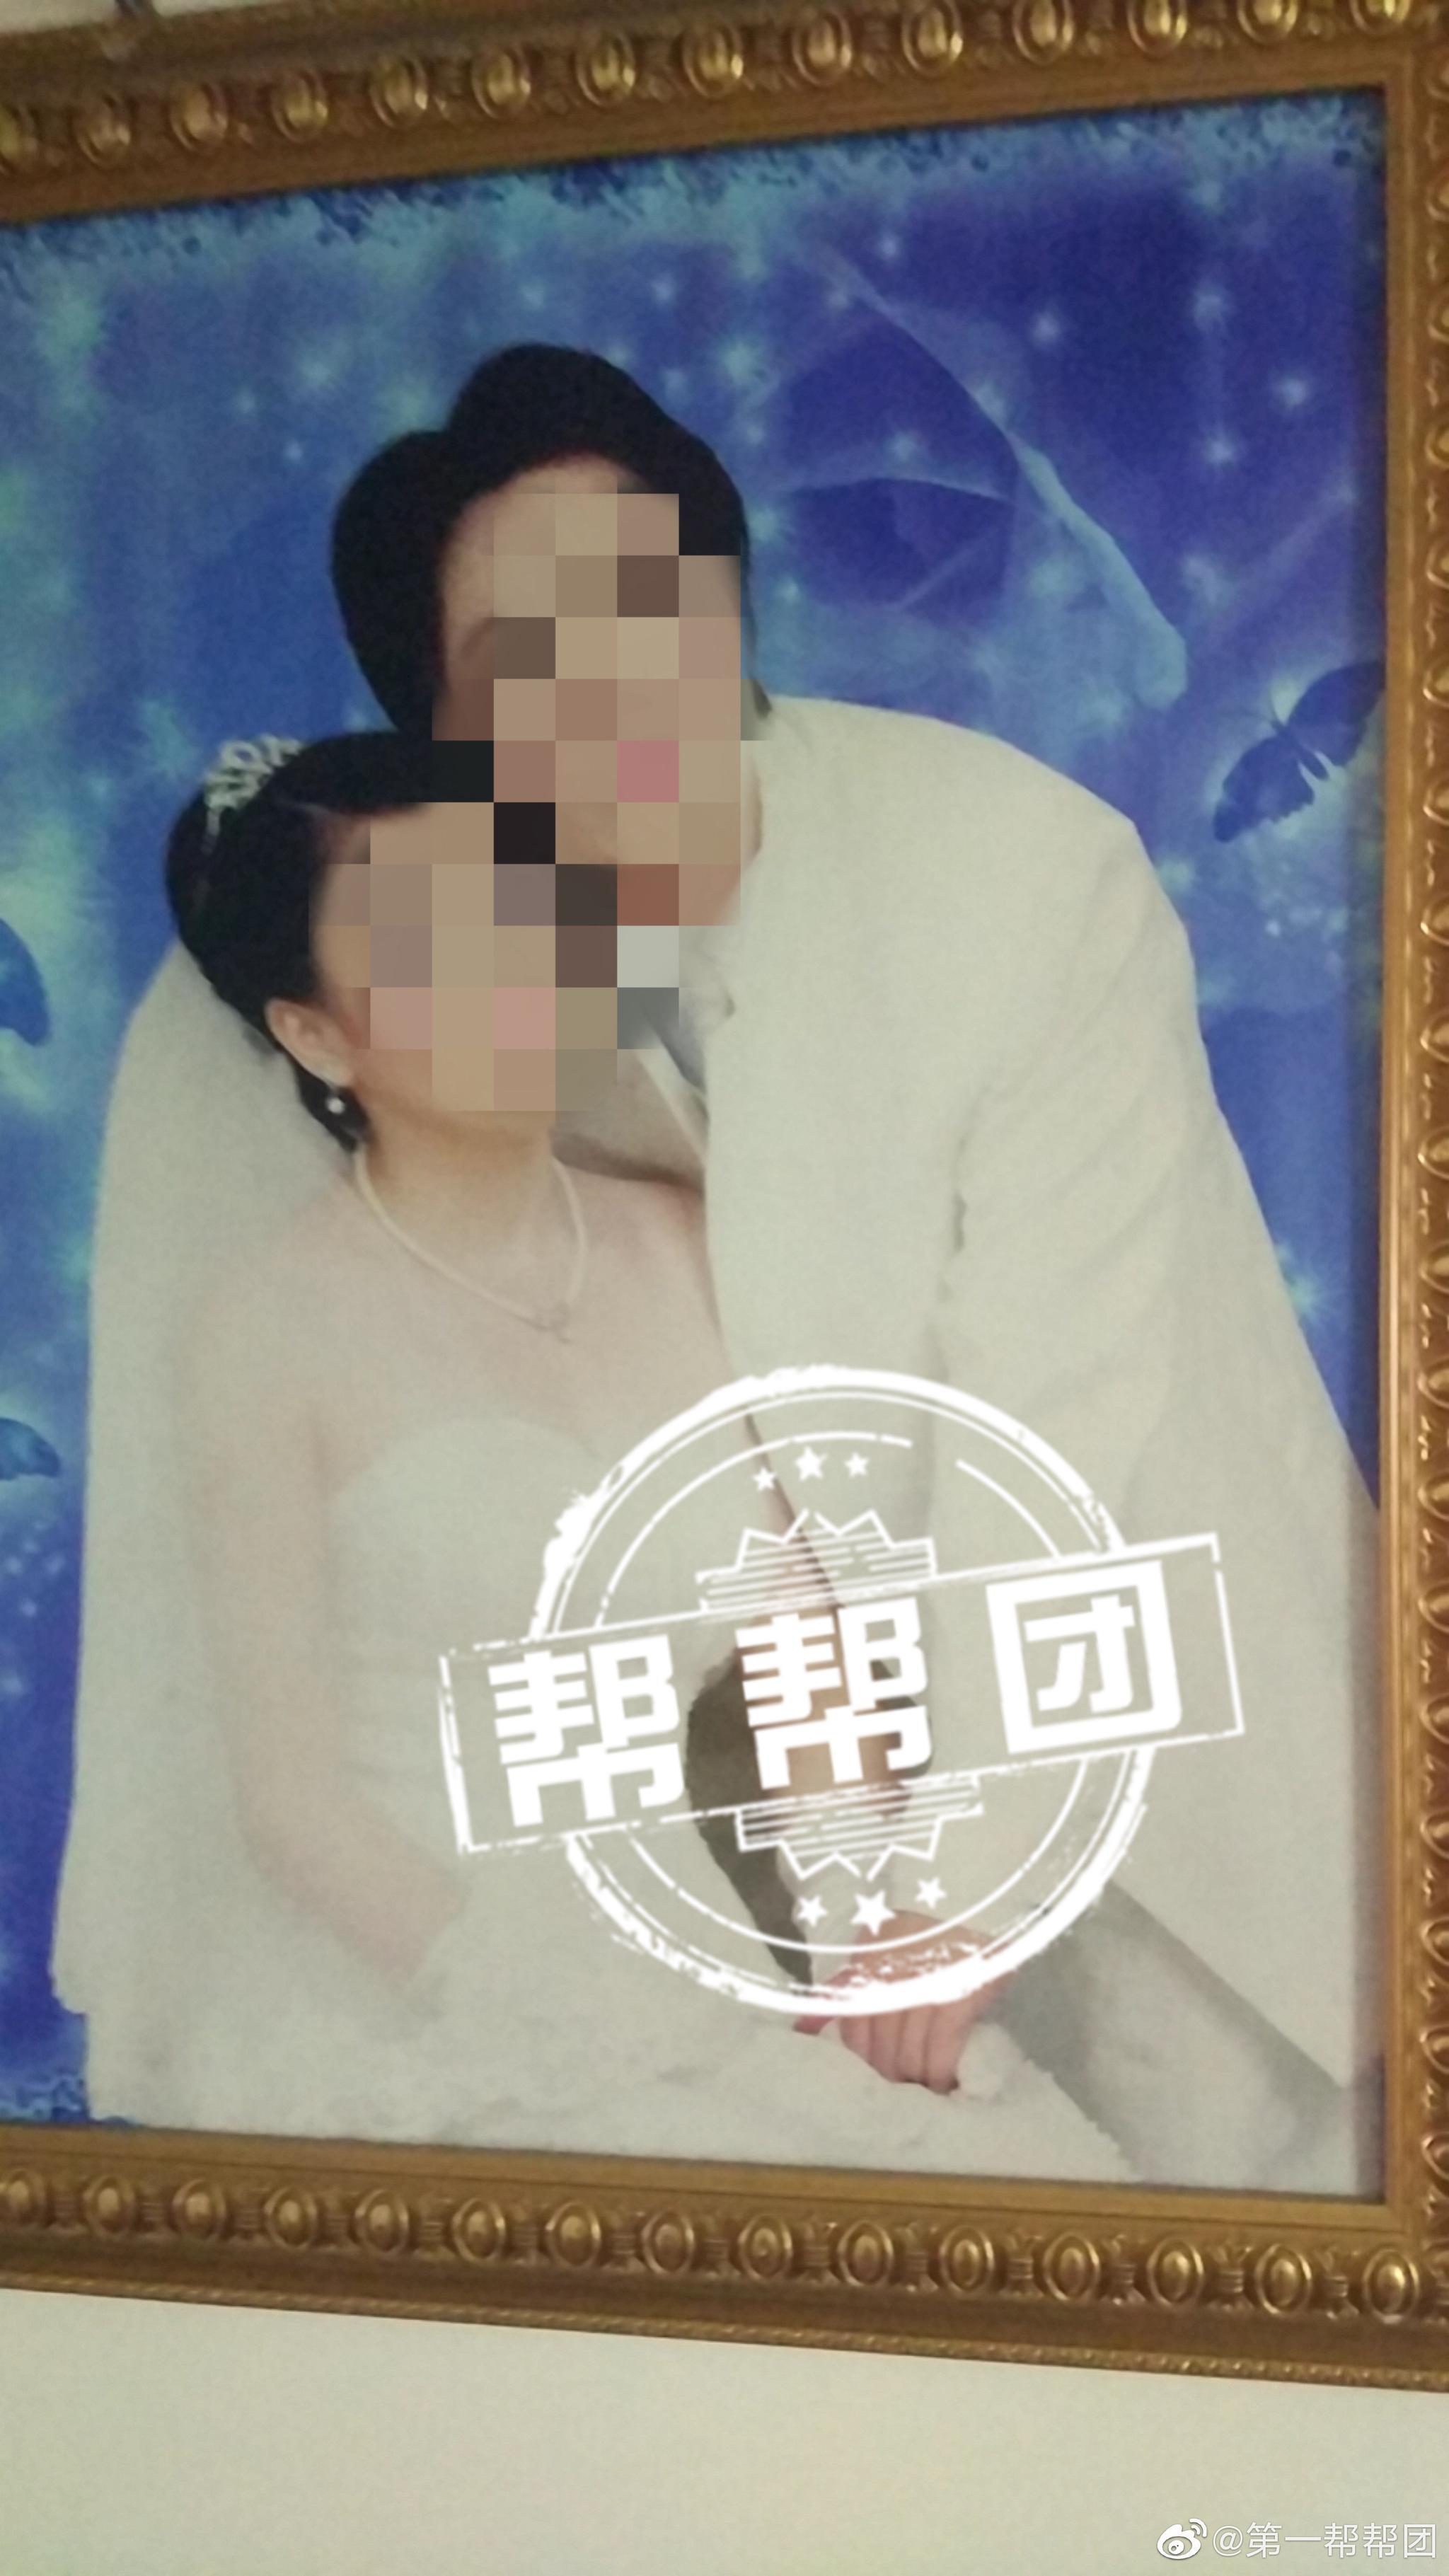 妻子因与小叔子有矛盾,竟要离婚? 丈夫希望挽回这段婚姻